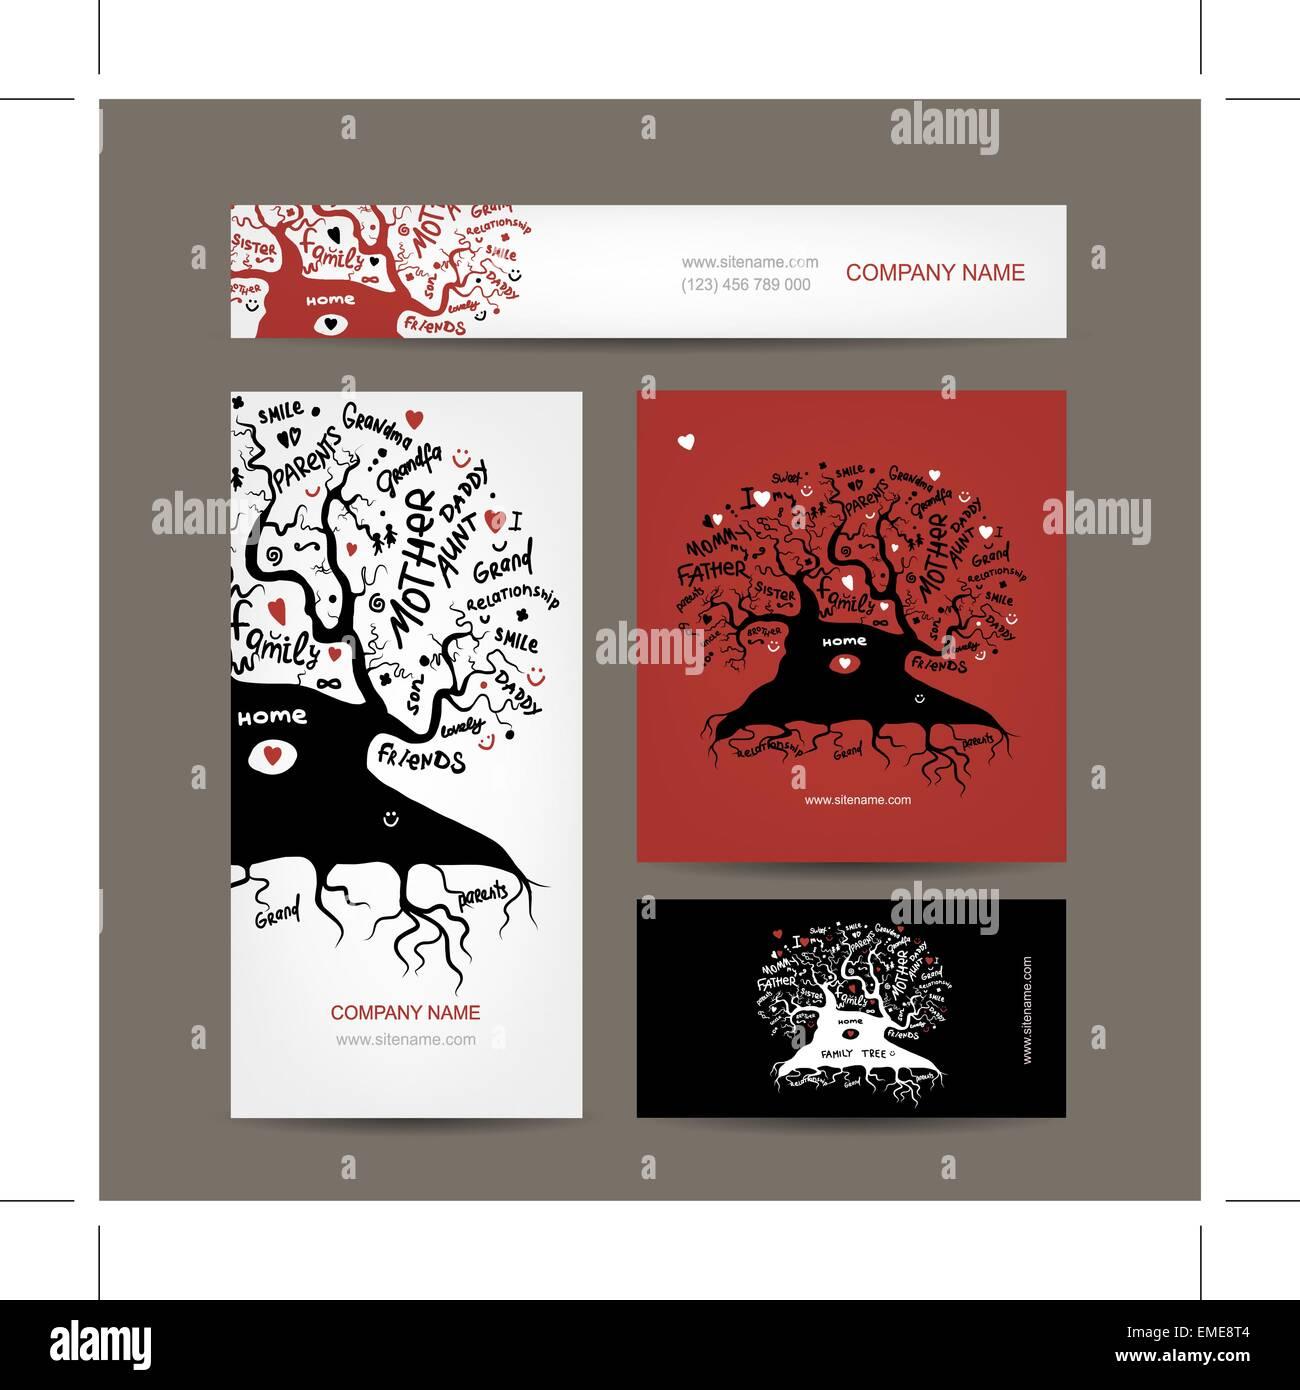 Family Tree Genealogy Illustration Stock Photos & Family Tree ...